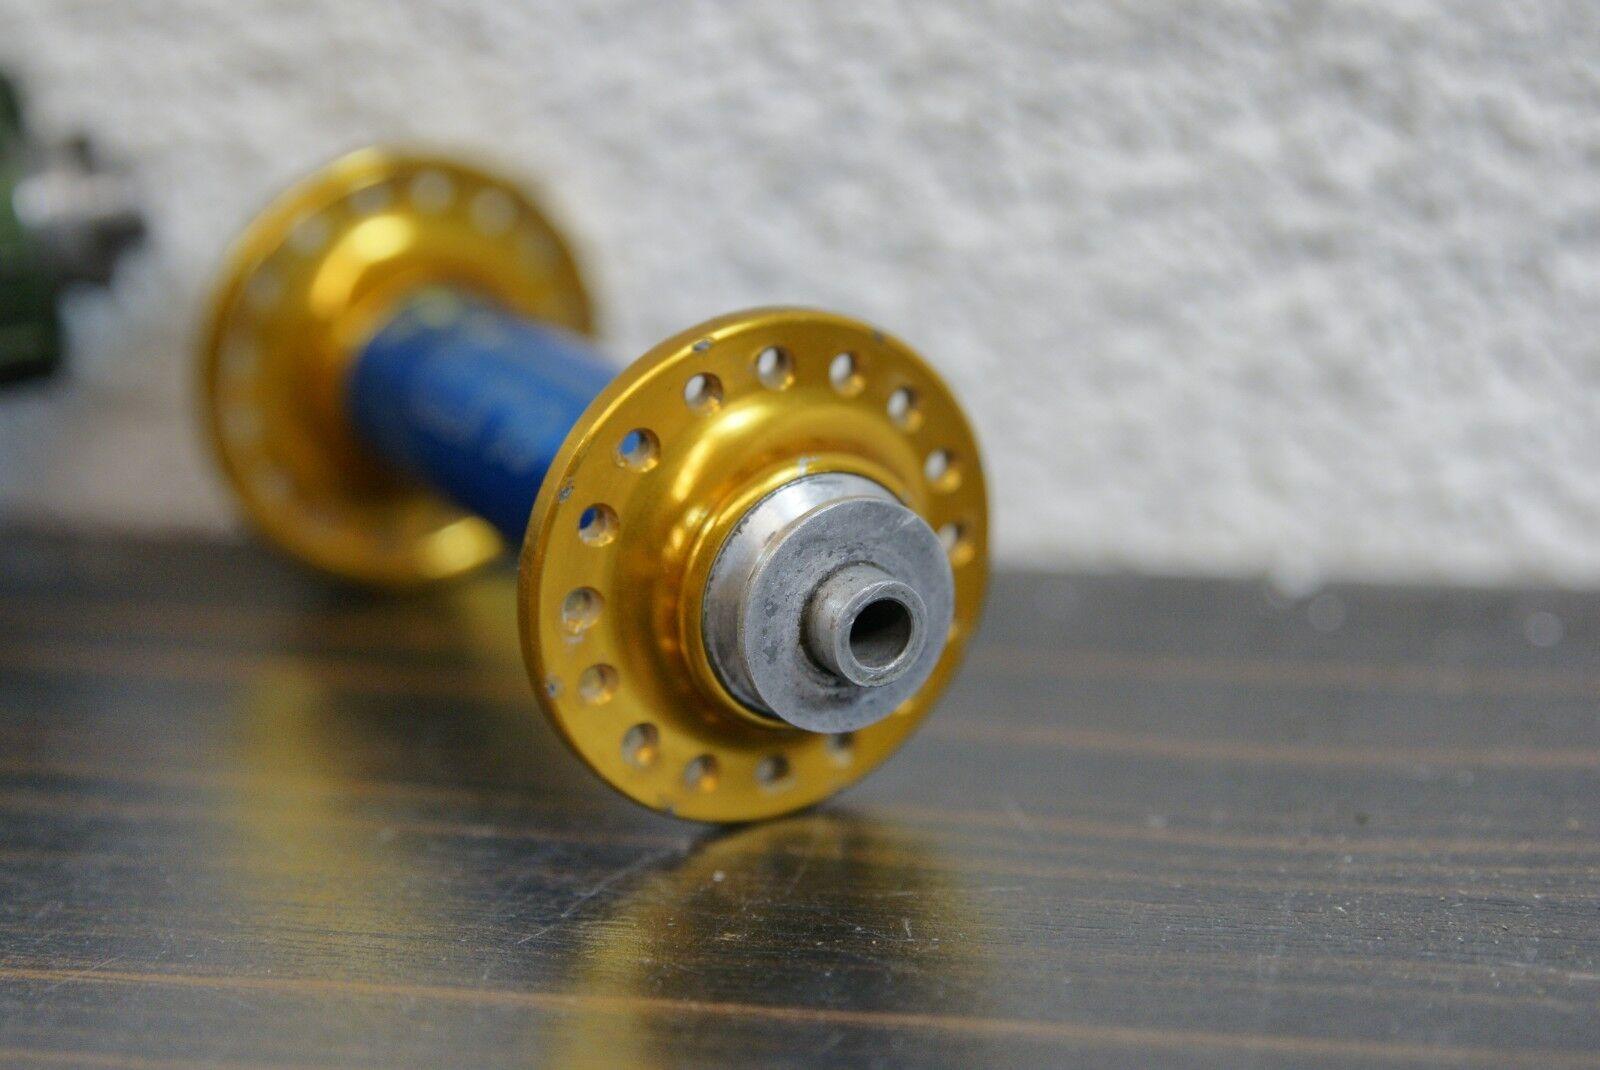 Tune Naben Satz Satz Satz 32 Loch zweifarbig Blau Gold Kult Retro traumhafter Zustand ace3b3